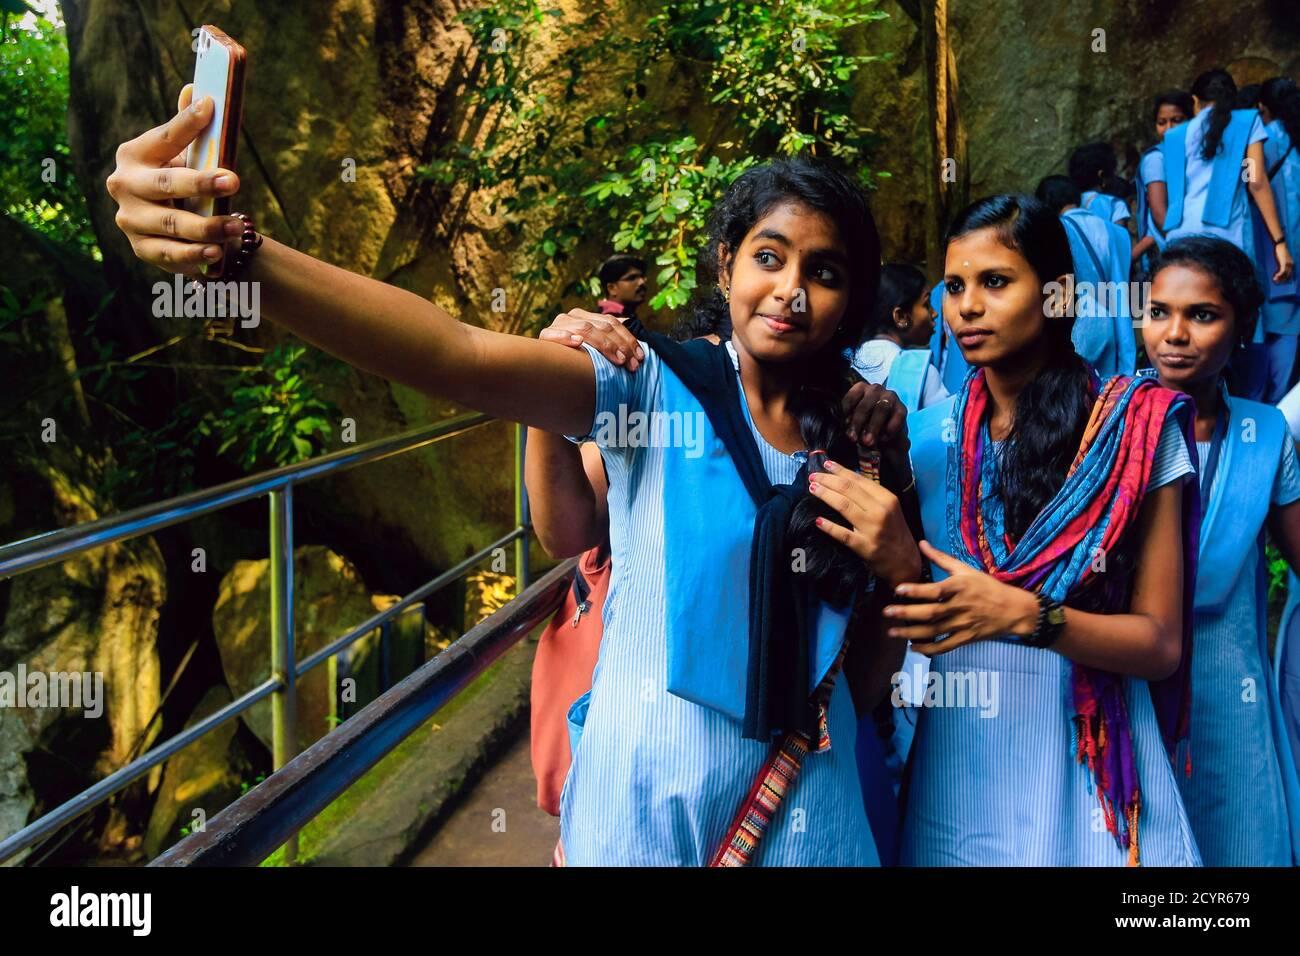 Kerala real girls life Beautiful Muslim